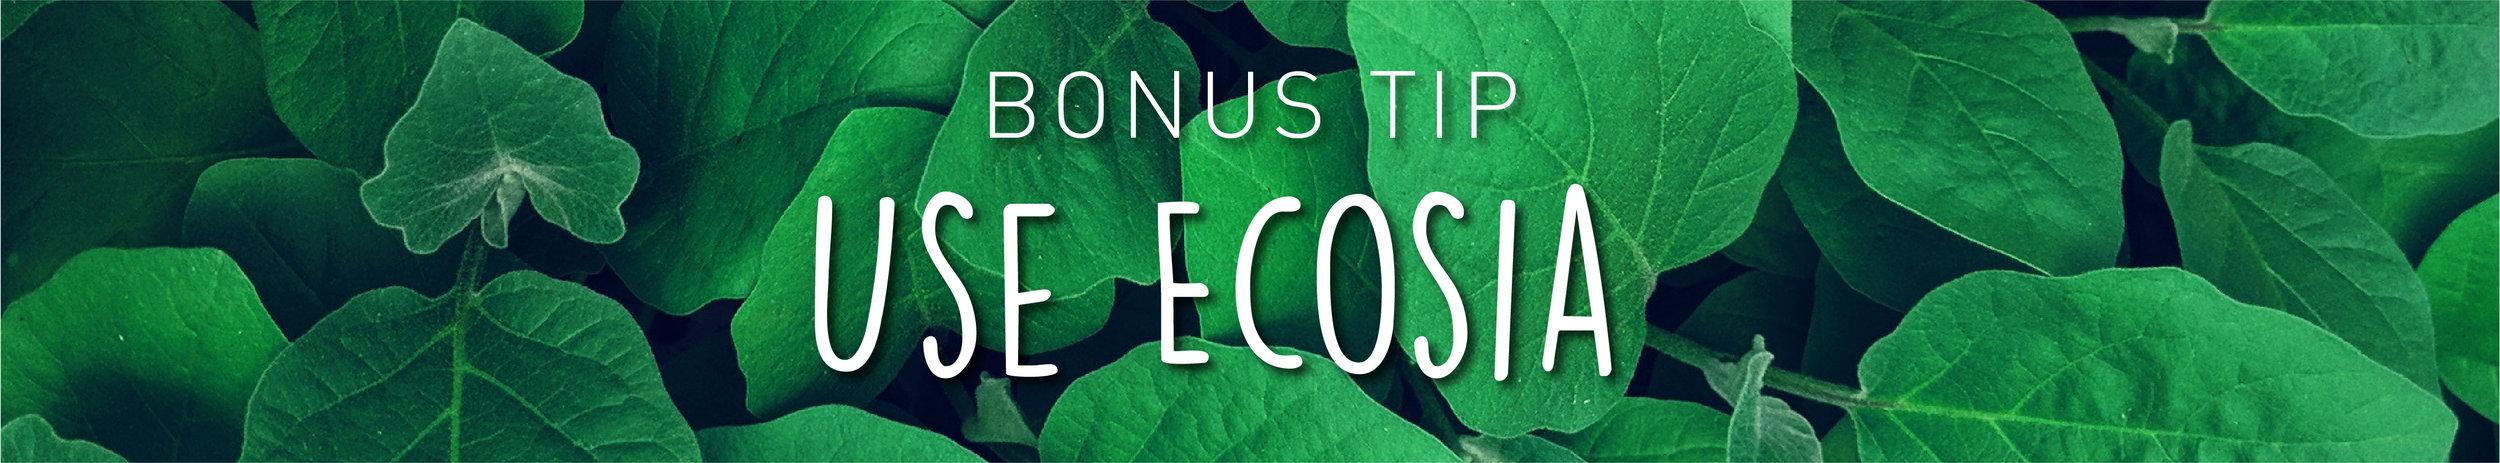 Week34-SustainableMarketing_InBlog_1 copy 25.jpg